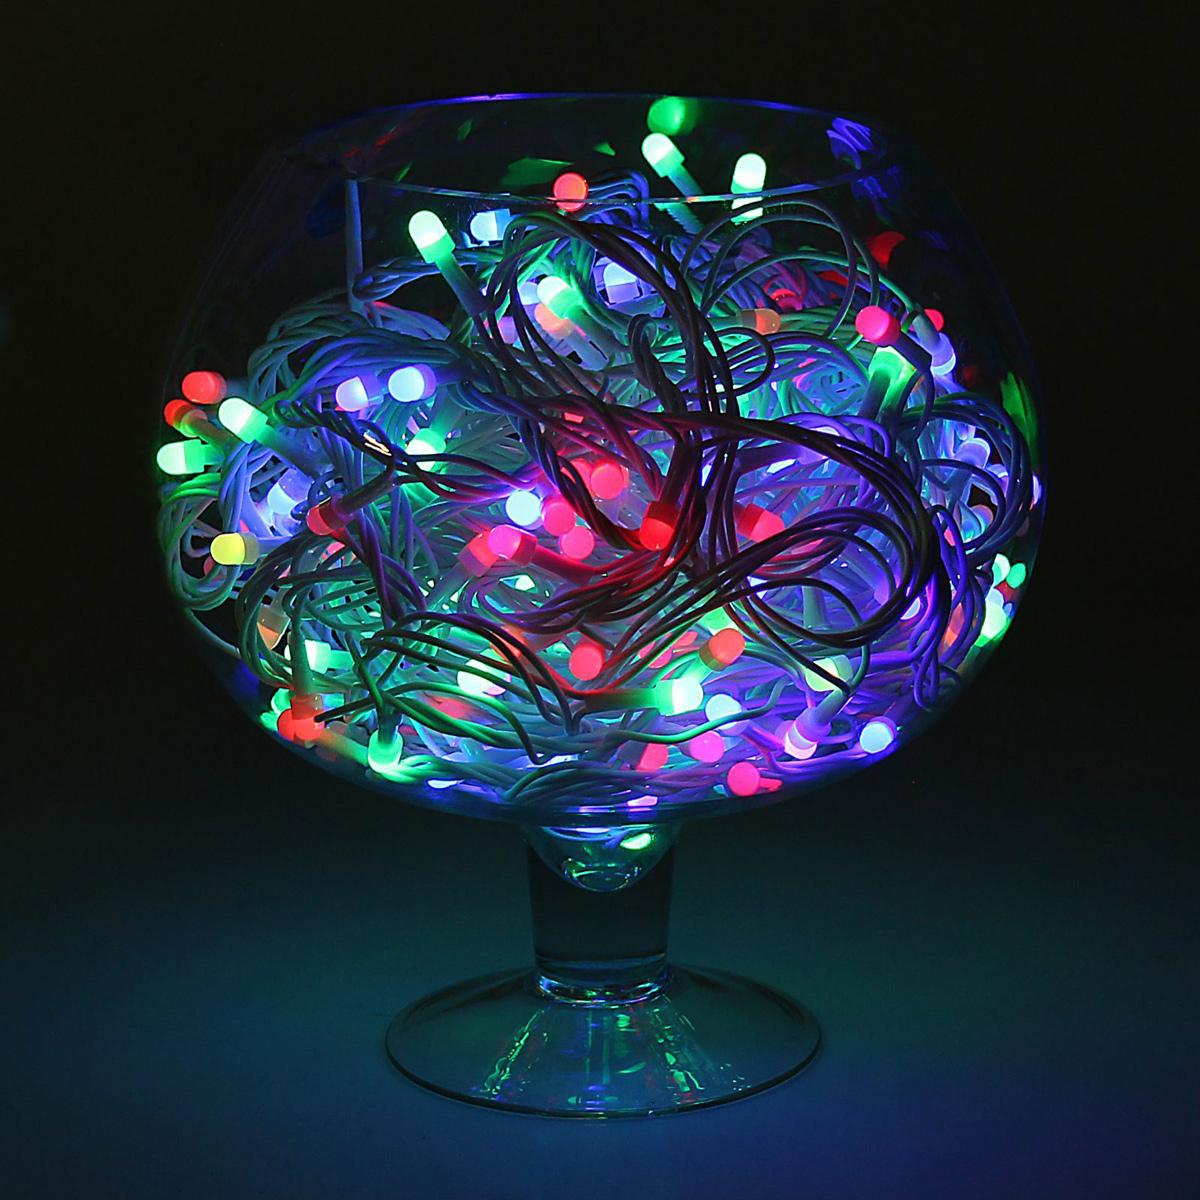 Гирлянда светодиодная Luazon Метраж, уличная, моргает, 200 ламп, 220 V, 20 м, цвет: мультиколор. 10805671080567Светодиодные гирлянды, ленты и т.д. — это отличный вариант для новогоднего оформления интерьера или фасада. С их помощью помещение любого размера можно превратить в праздничный зал, а внешние элементы зданий, украшенные ими, мгновенно станут напоминать очертания сказочного дворца. Такие украшения создают ауру предвкушения чуда. Деревья, фасады, витрины, окна и арки будто специально созданы, чтобы вы украсили их светящимися нитями.